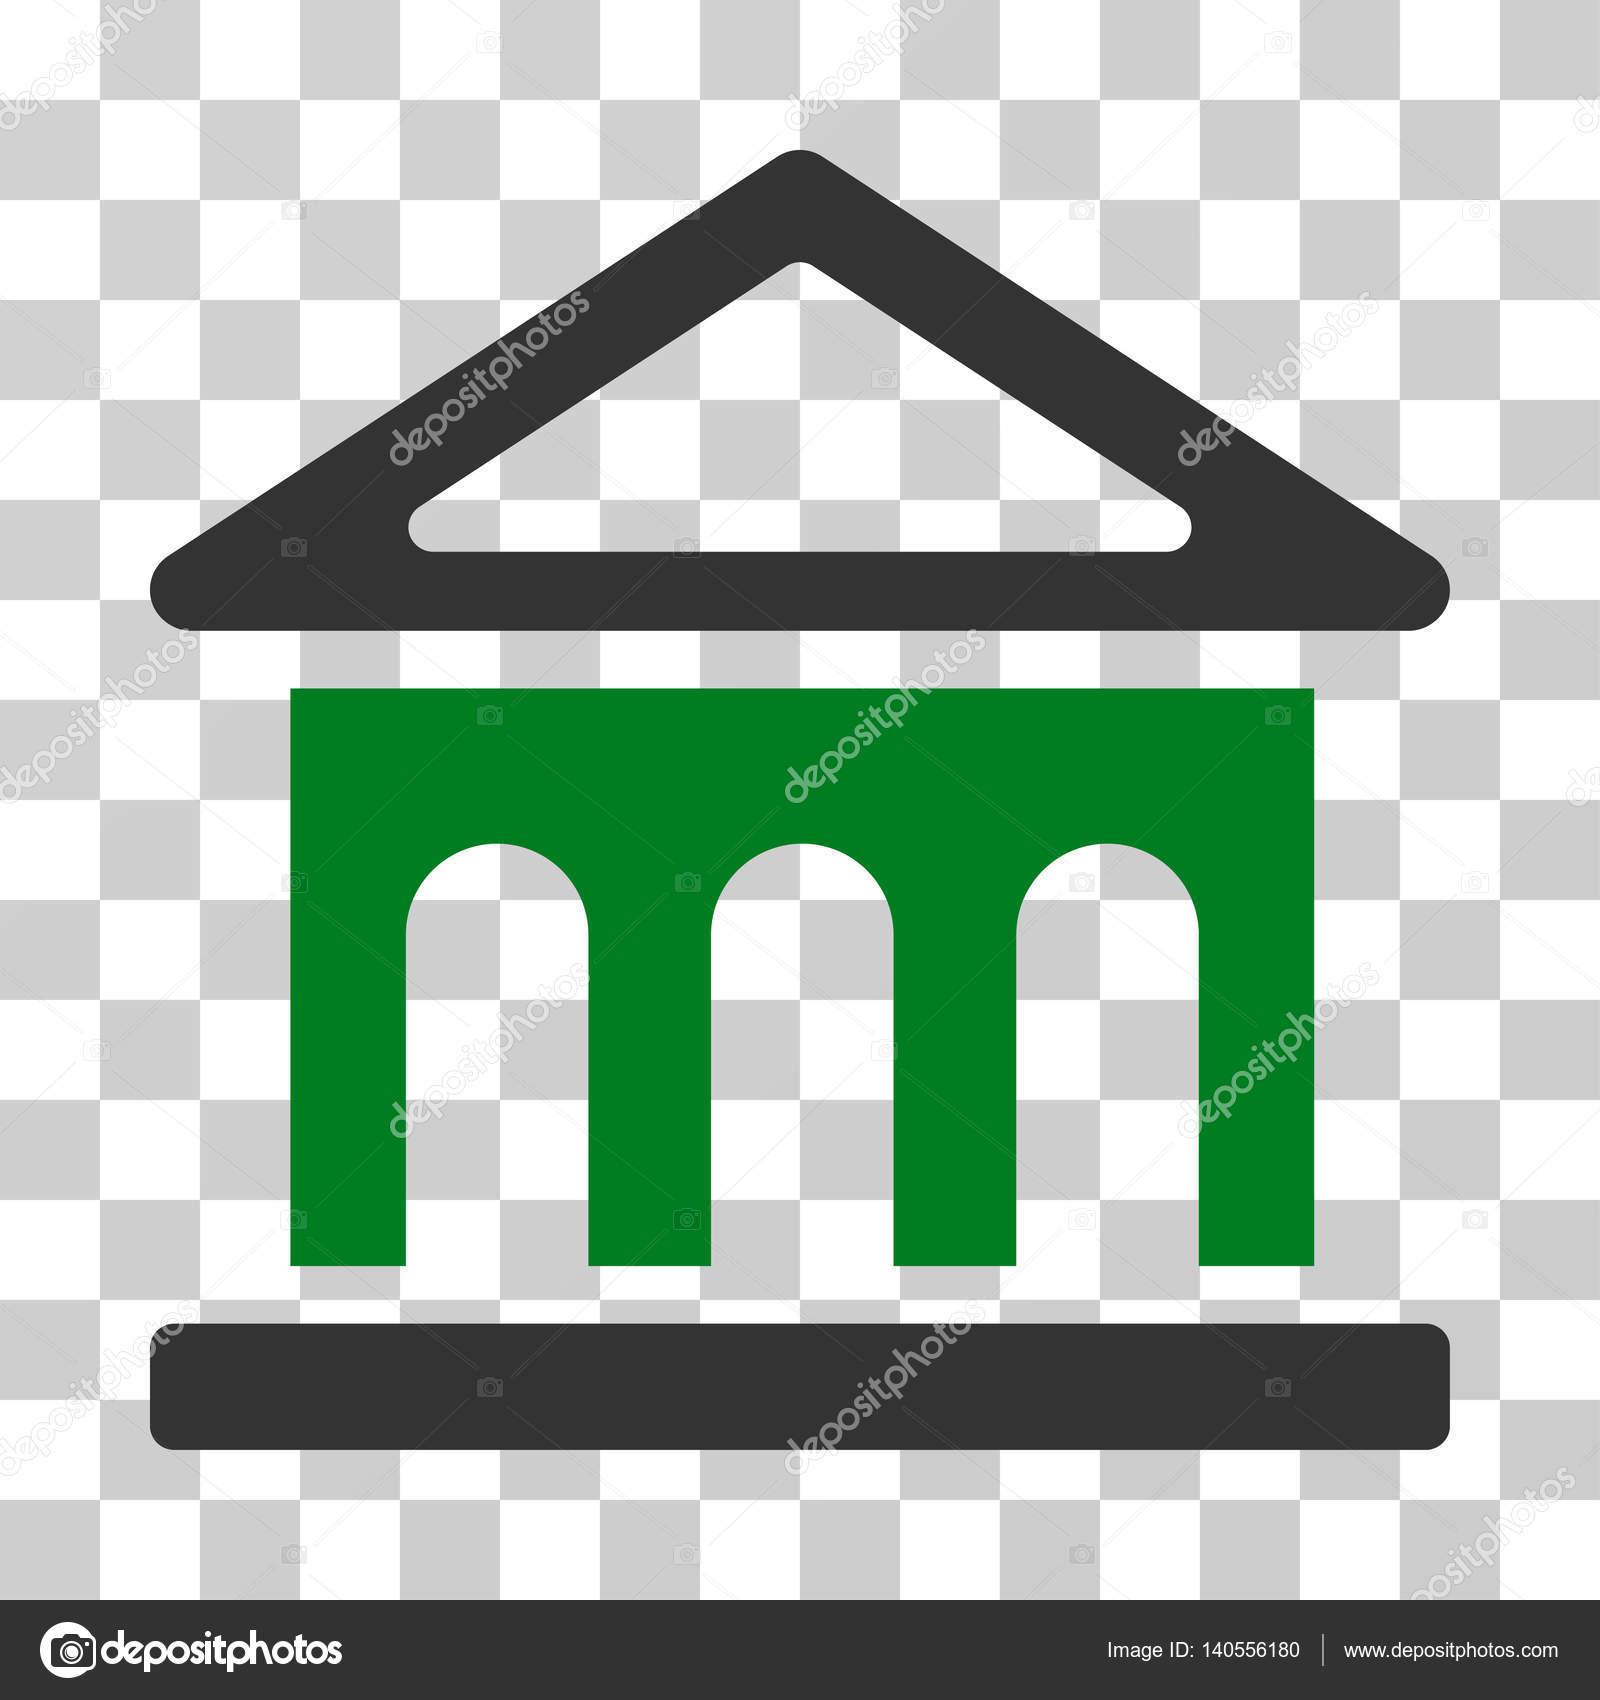 Banque Vectorielle bâtiment icône vecteur banque — image vectorielle ahasoft © #140556180